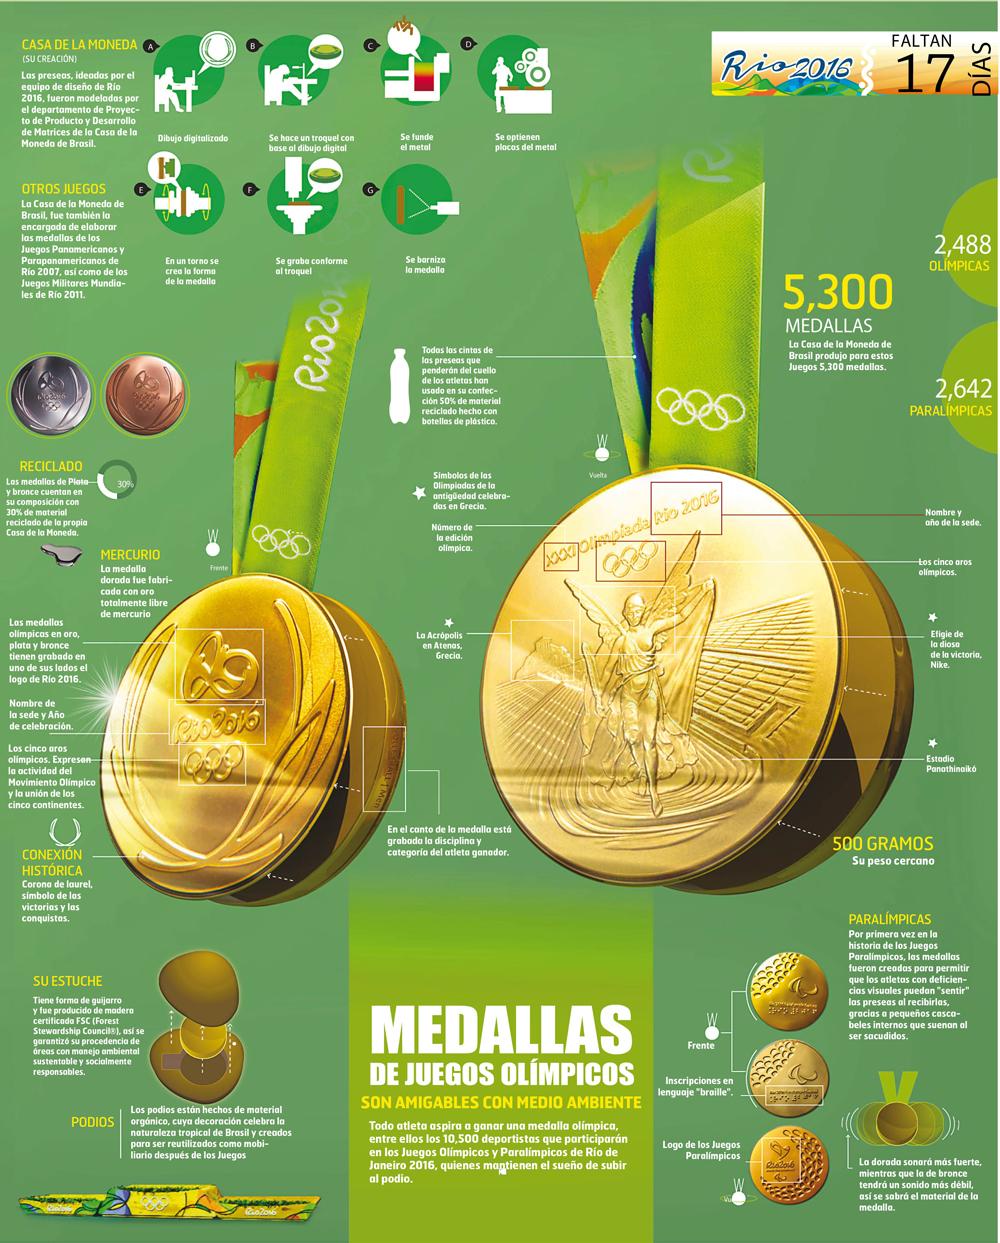 Medallas-Rio-2016